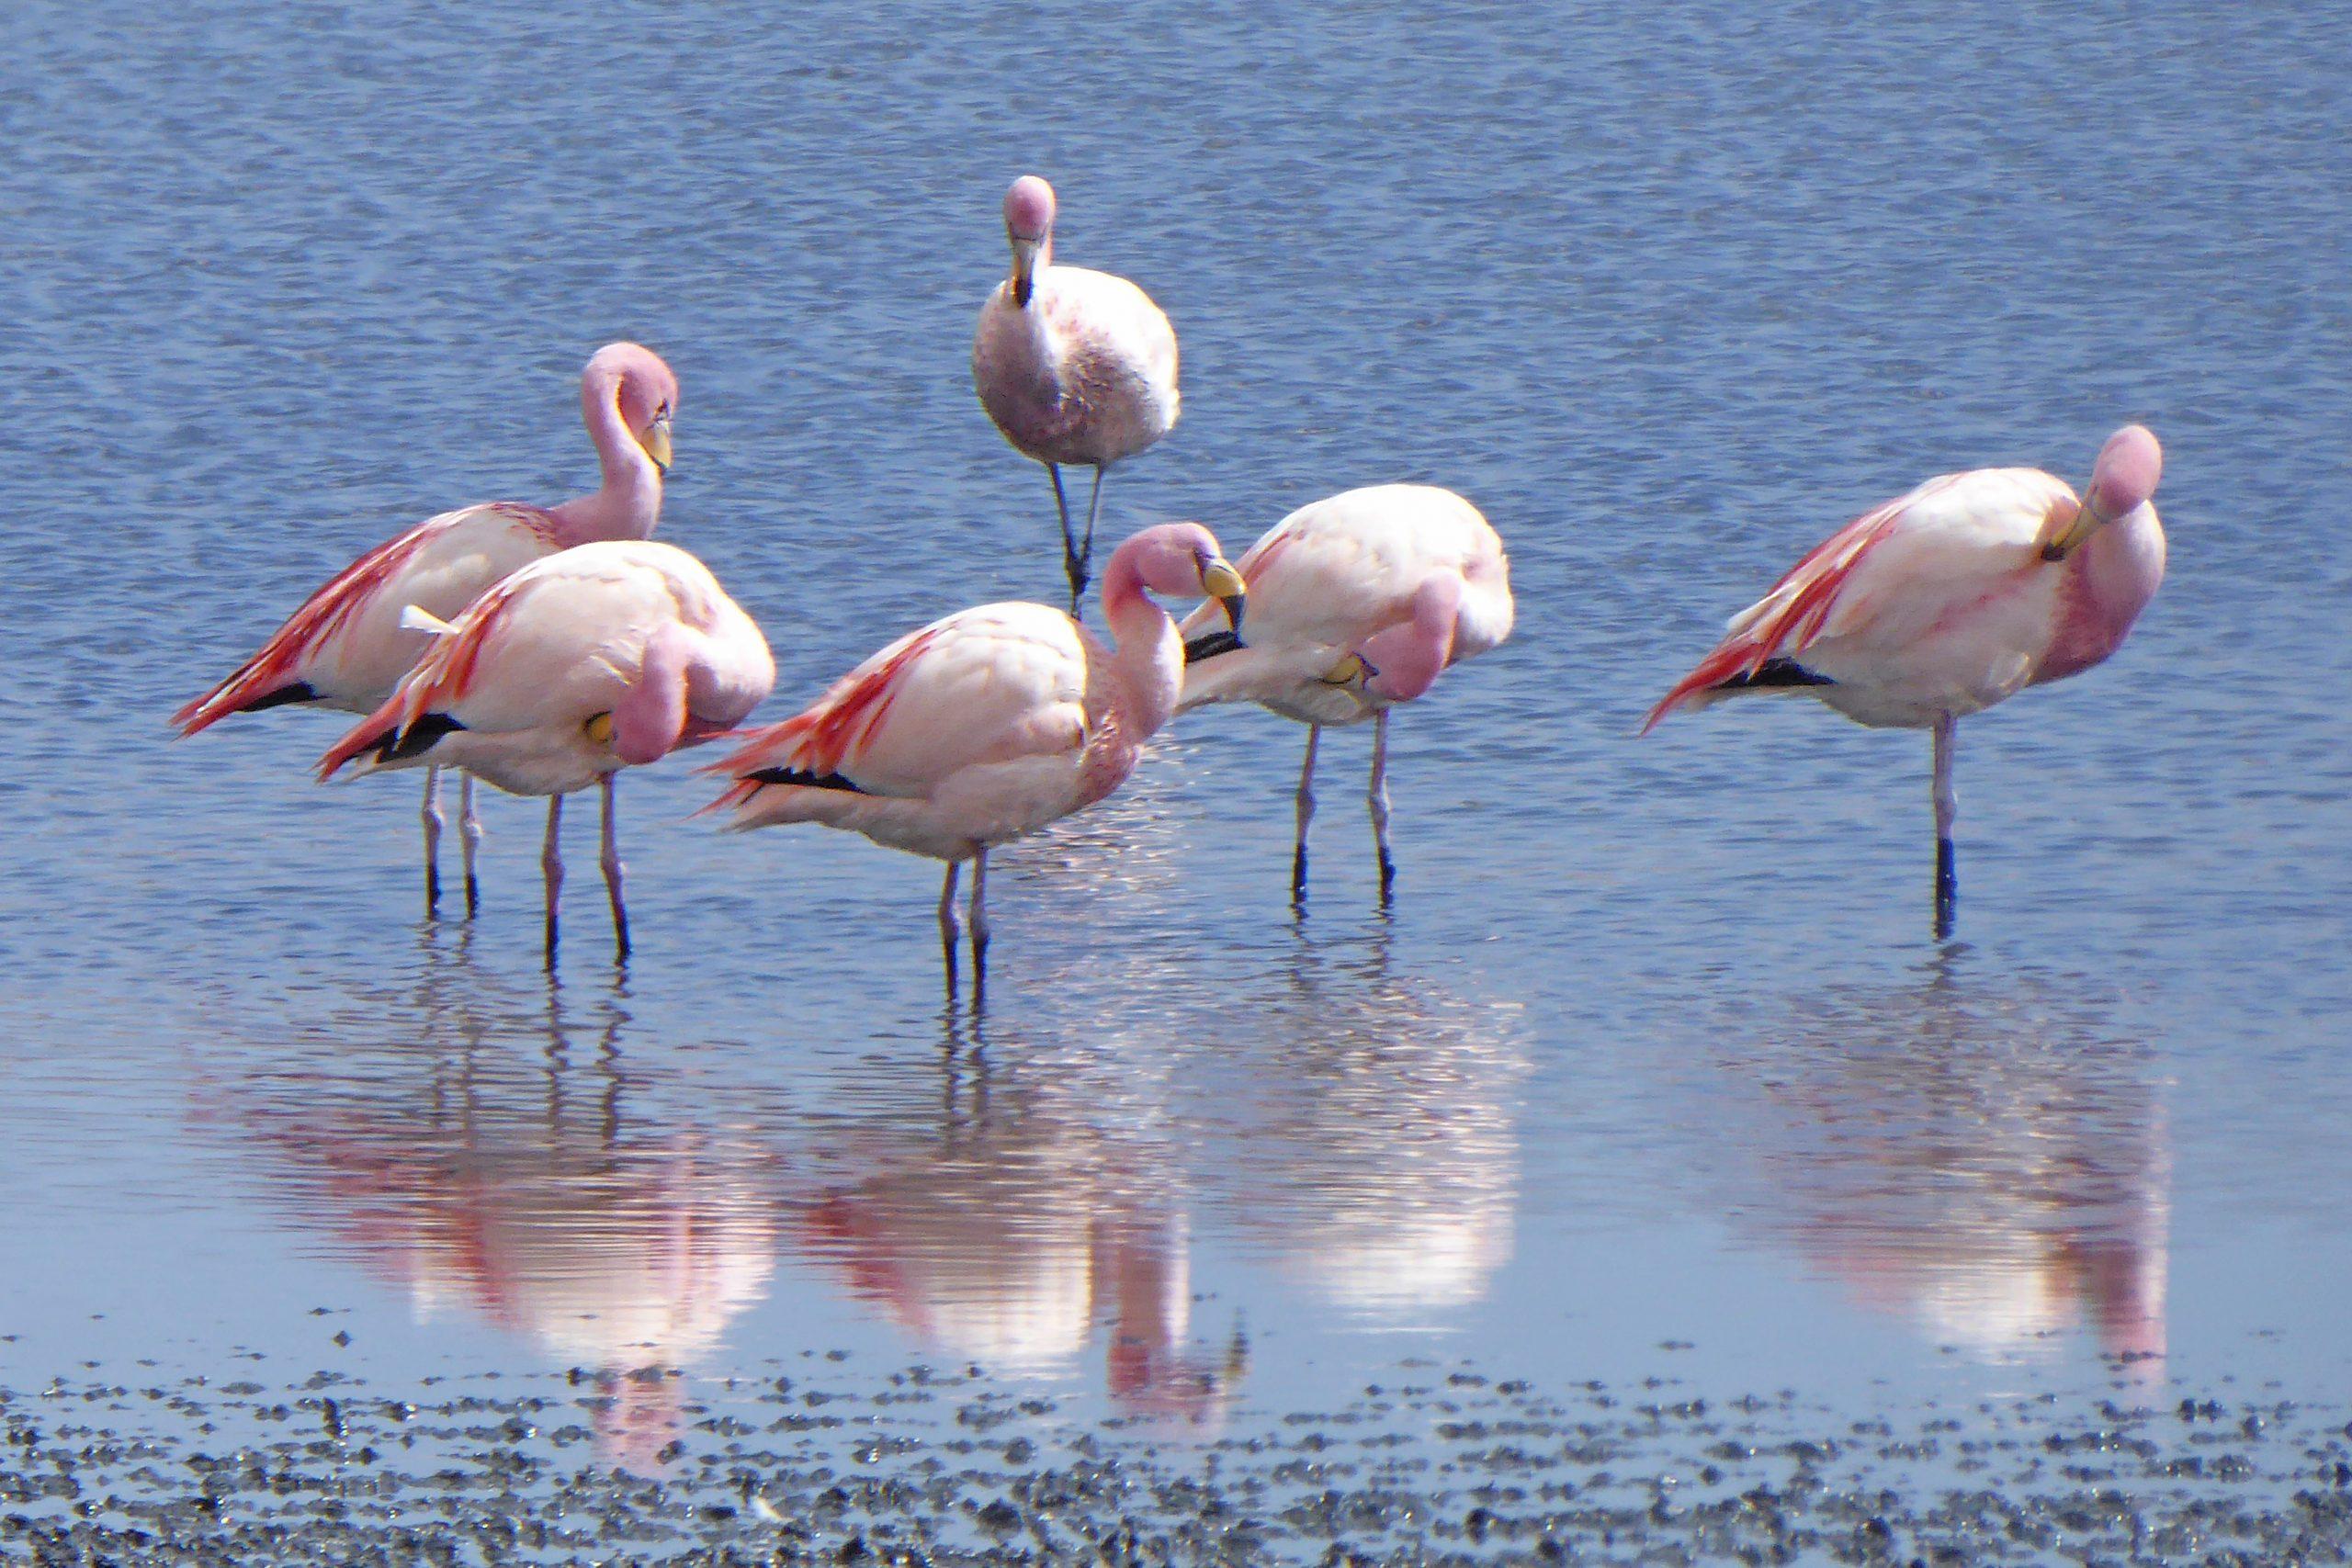 Radreise Südamerika 2019 - Flamingos